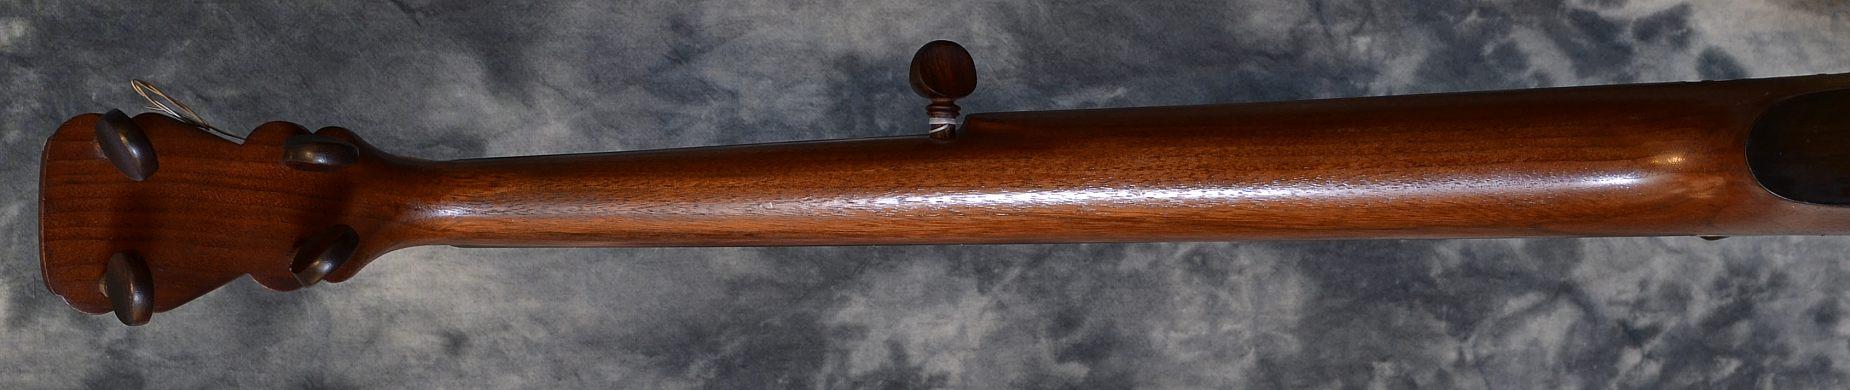 Dobson_Banjo 1878(C)_neck